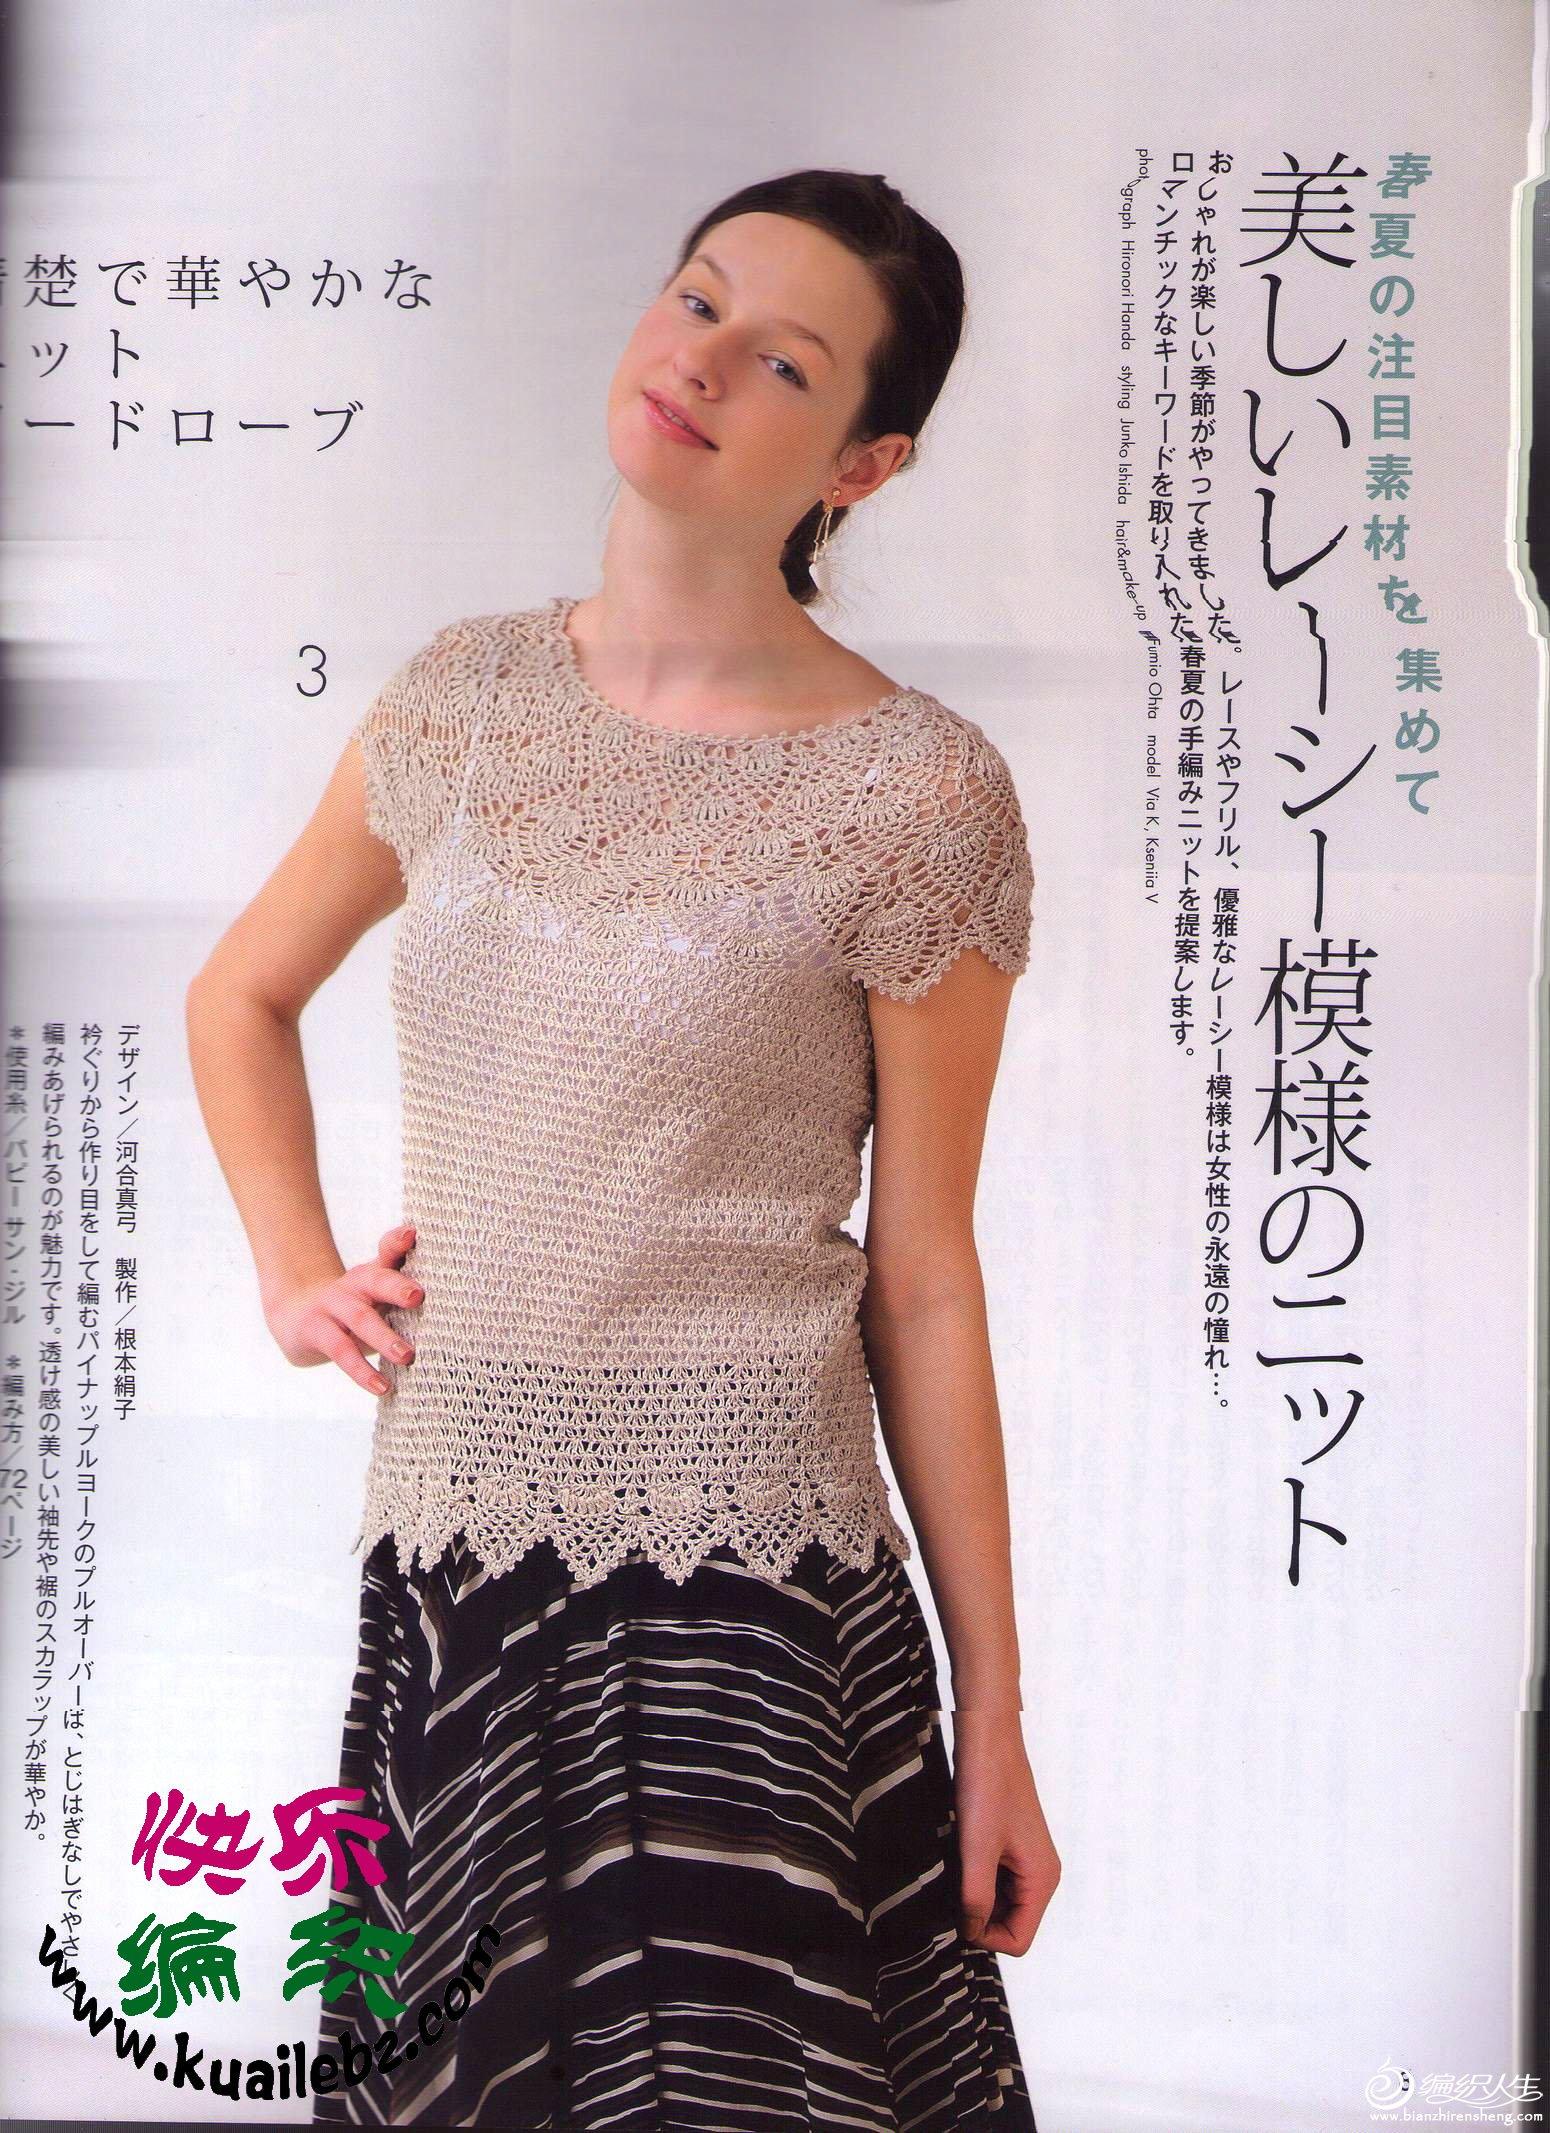 2012世界编物春夏编织书籍(快乐编织首发)4 拷贝.jpg